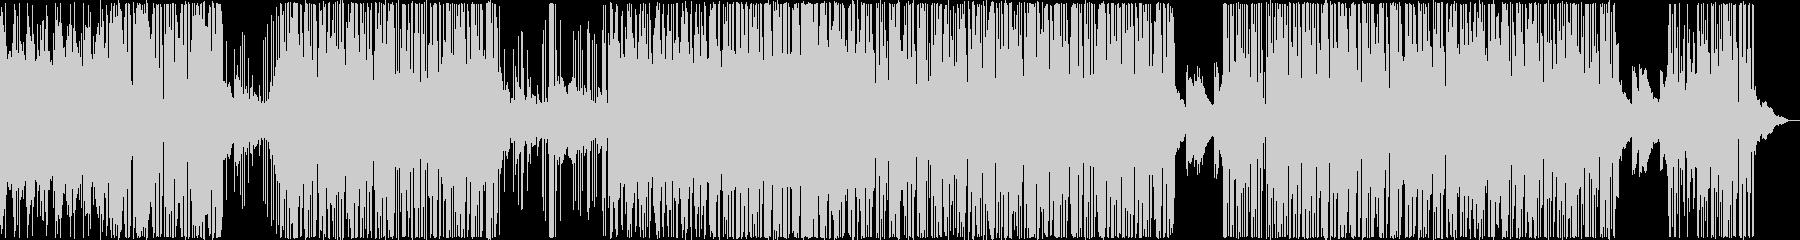 壮大なBGMですの未再生の波形